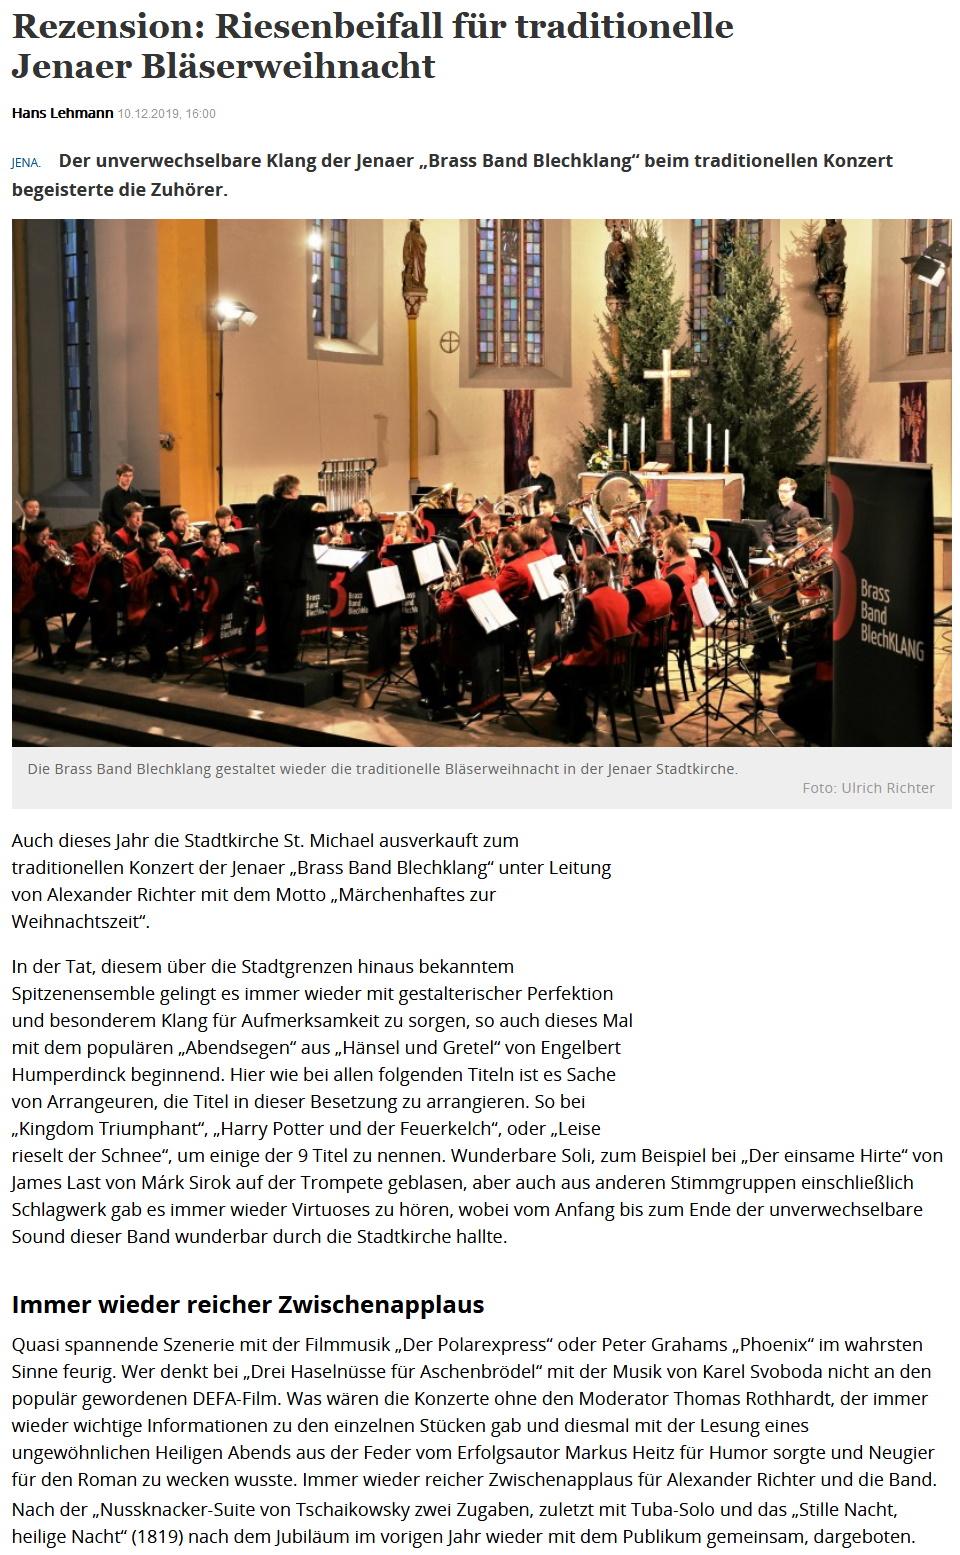 Artikel TLZ Rezension Großes Weihnachtskonzert Brass Band BlechKLANG